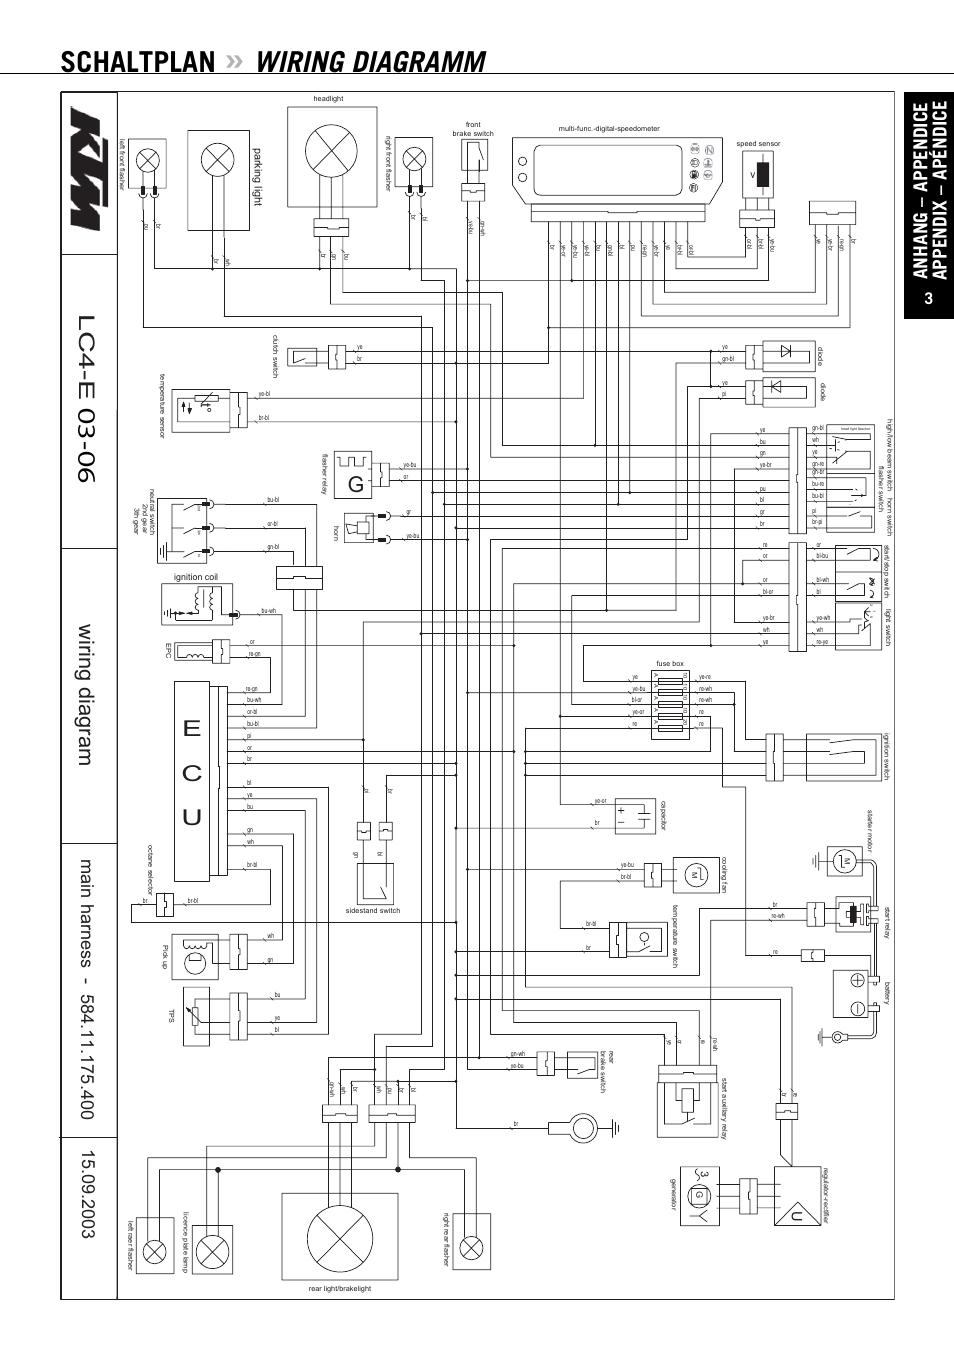 hight resolution of ktm lc4 wiring diagram online schematics diagram rh delvato co 1988 ktm lc4 600 2001 ktm